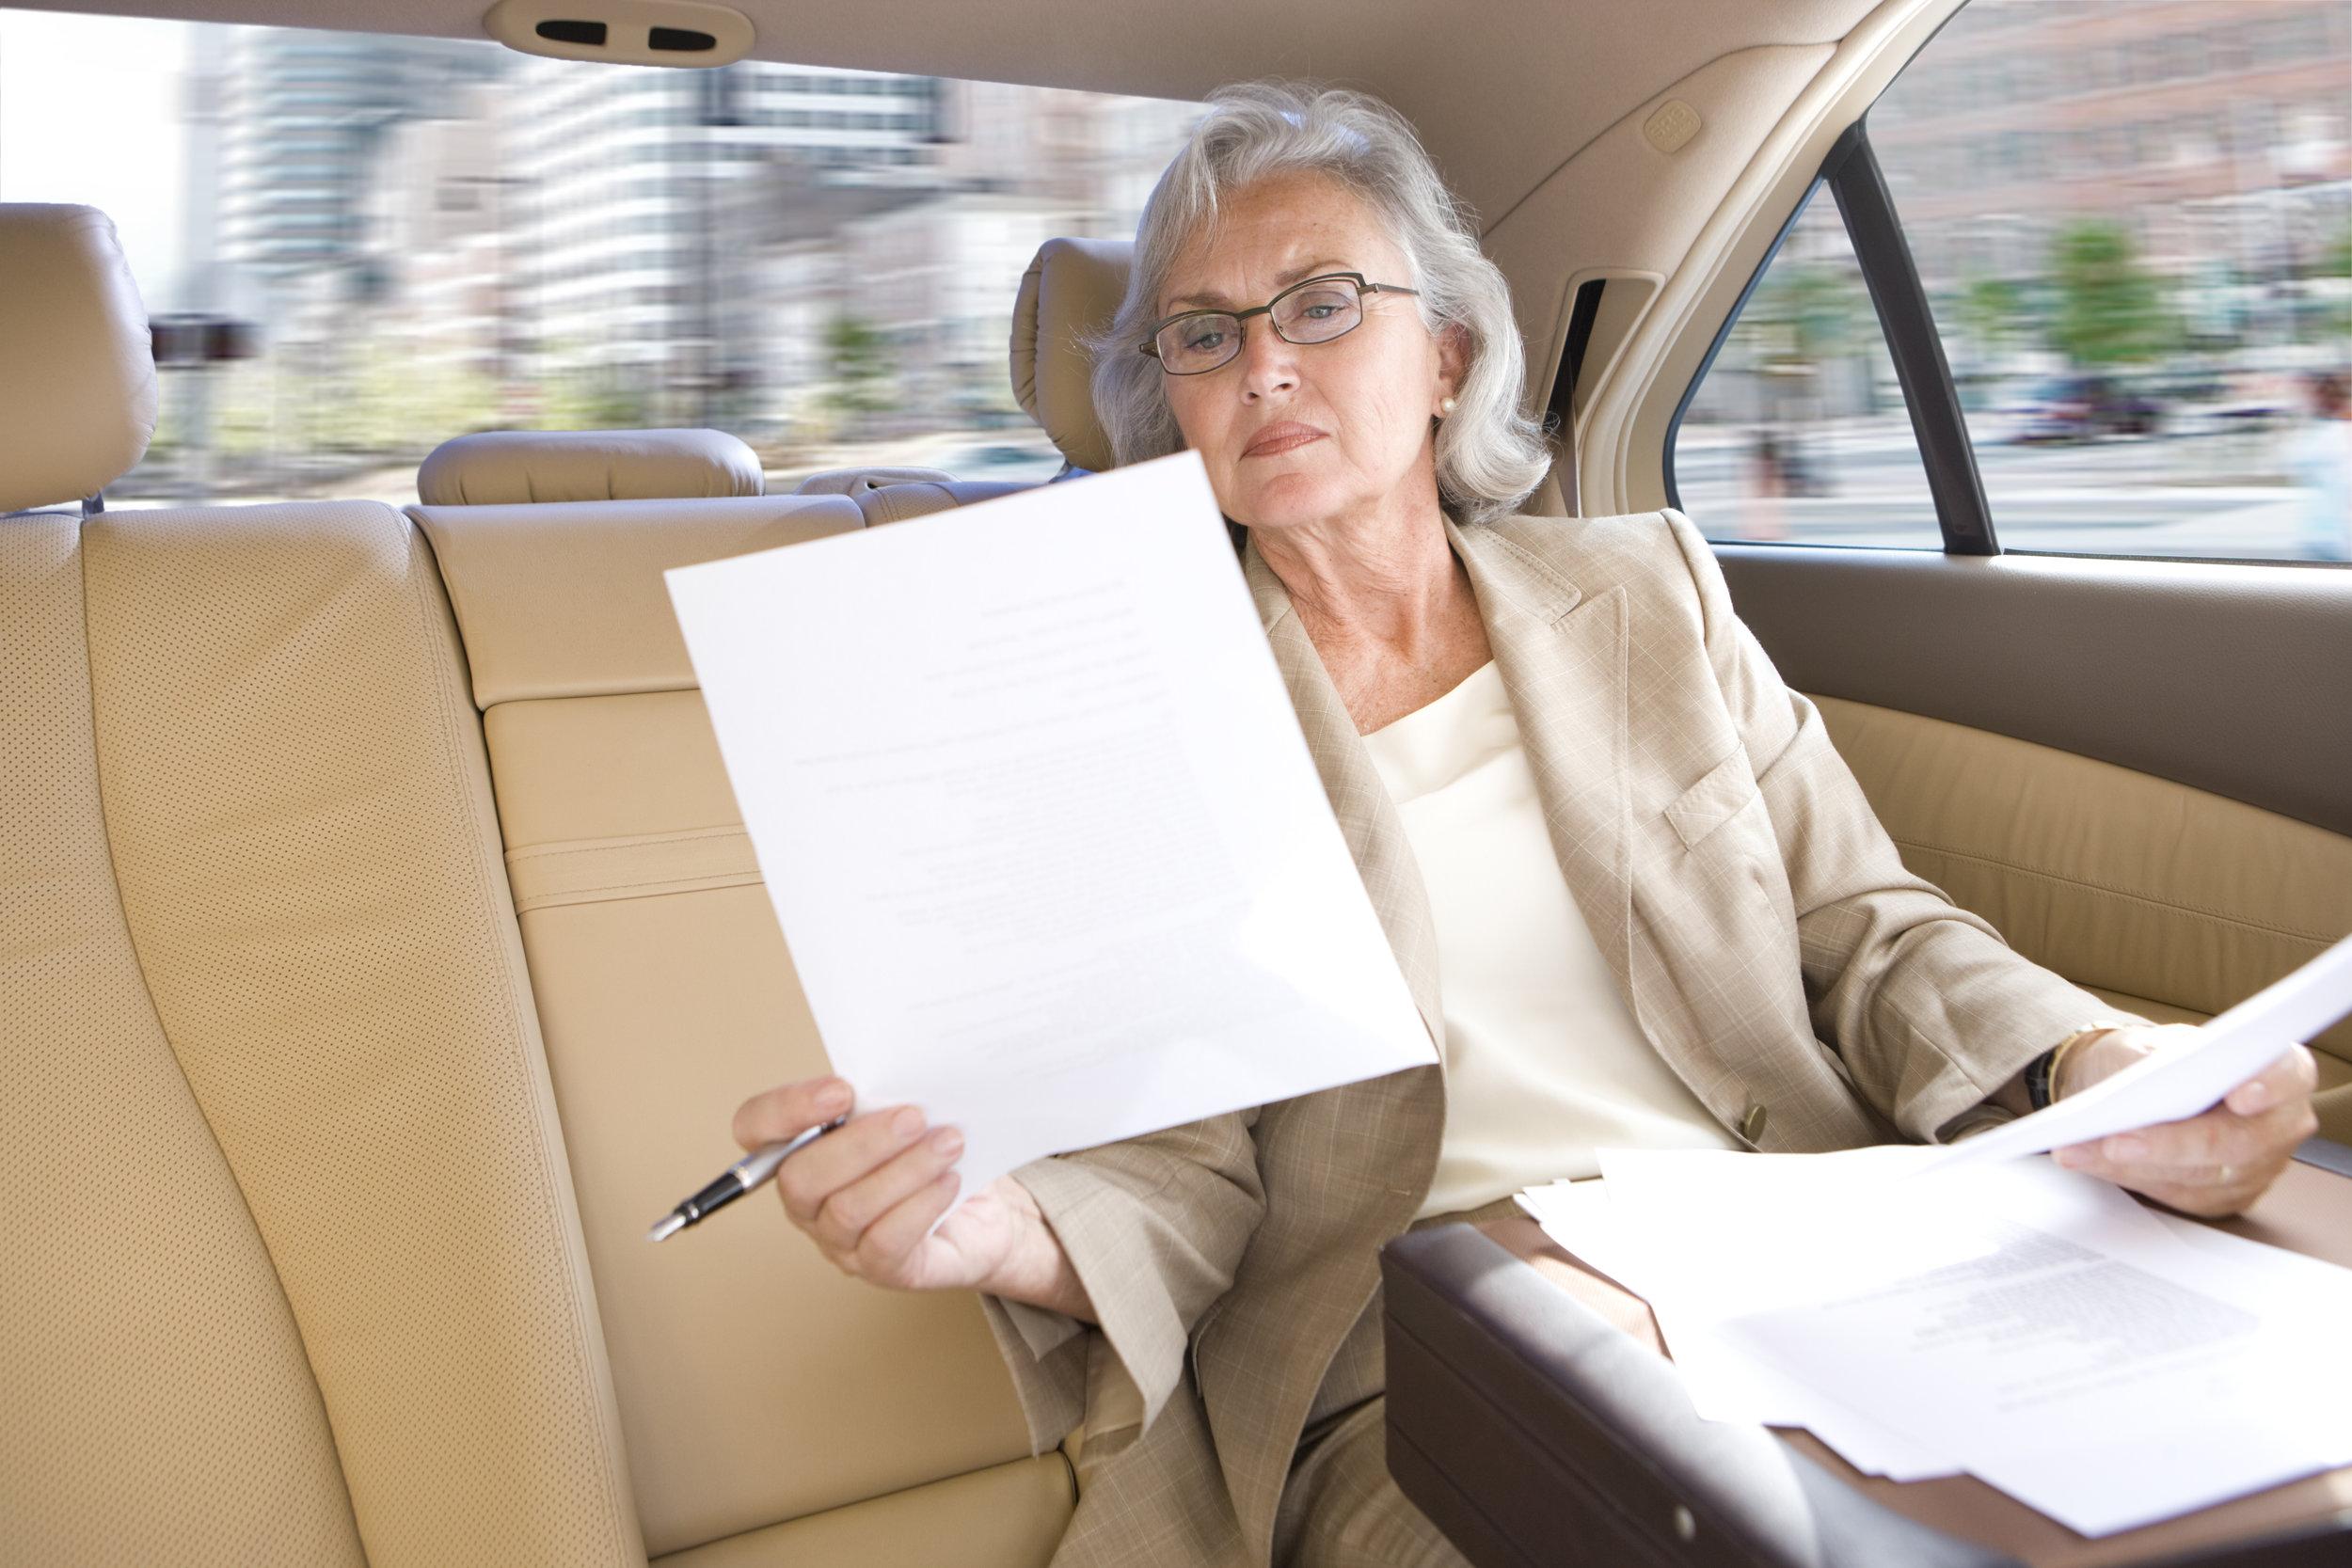 woman executive in car